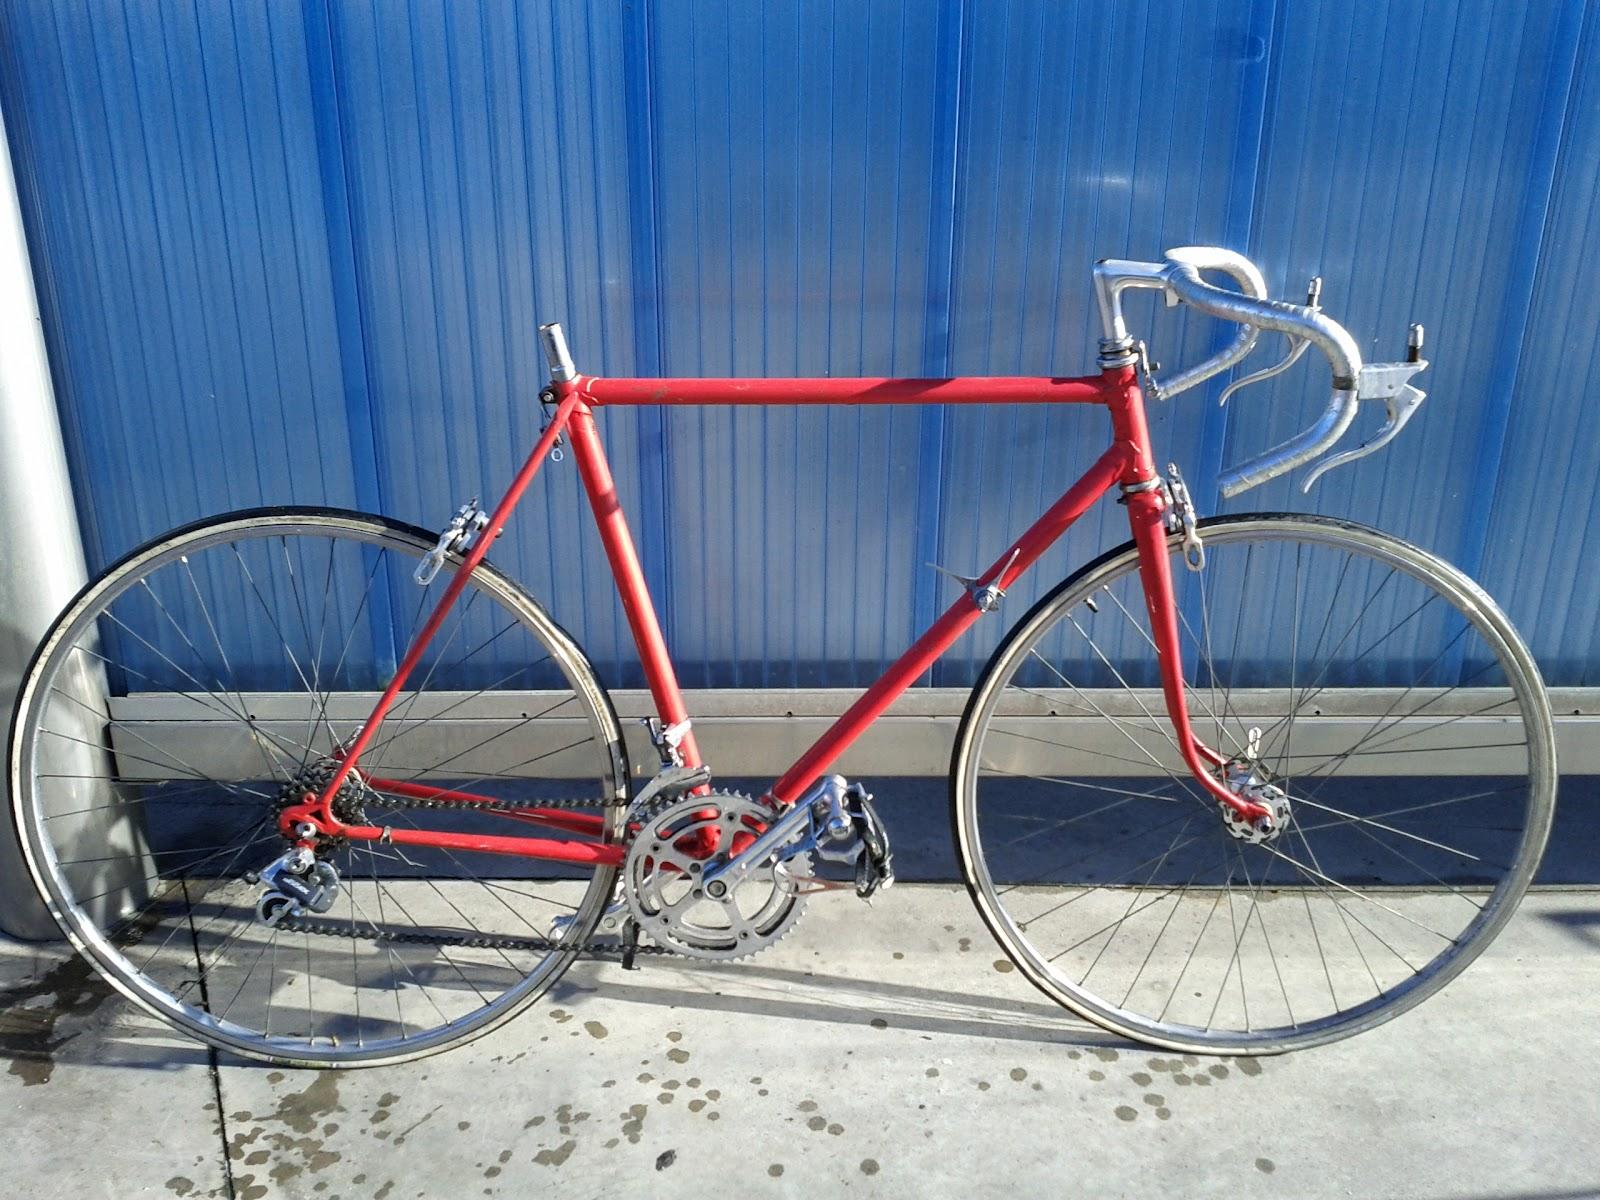 Cycloclean La Bici Que Limpia El Agua: A Veces En Bici, A Veces No.: Restaurando La Bici (II